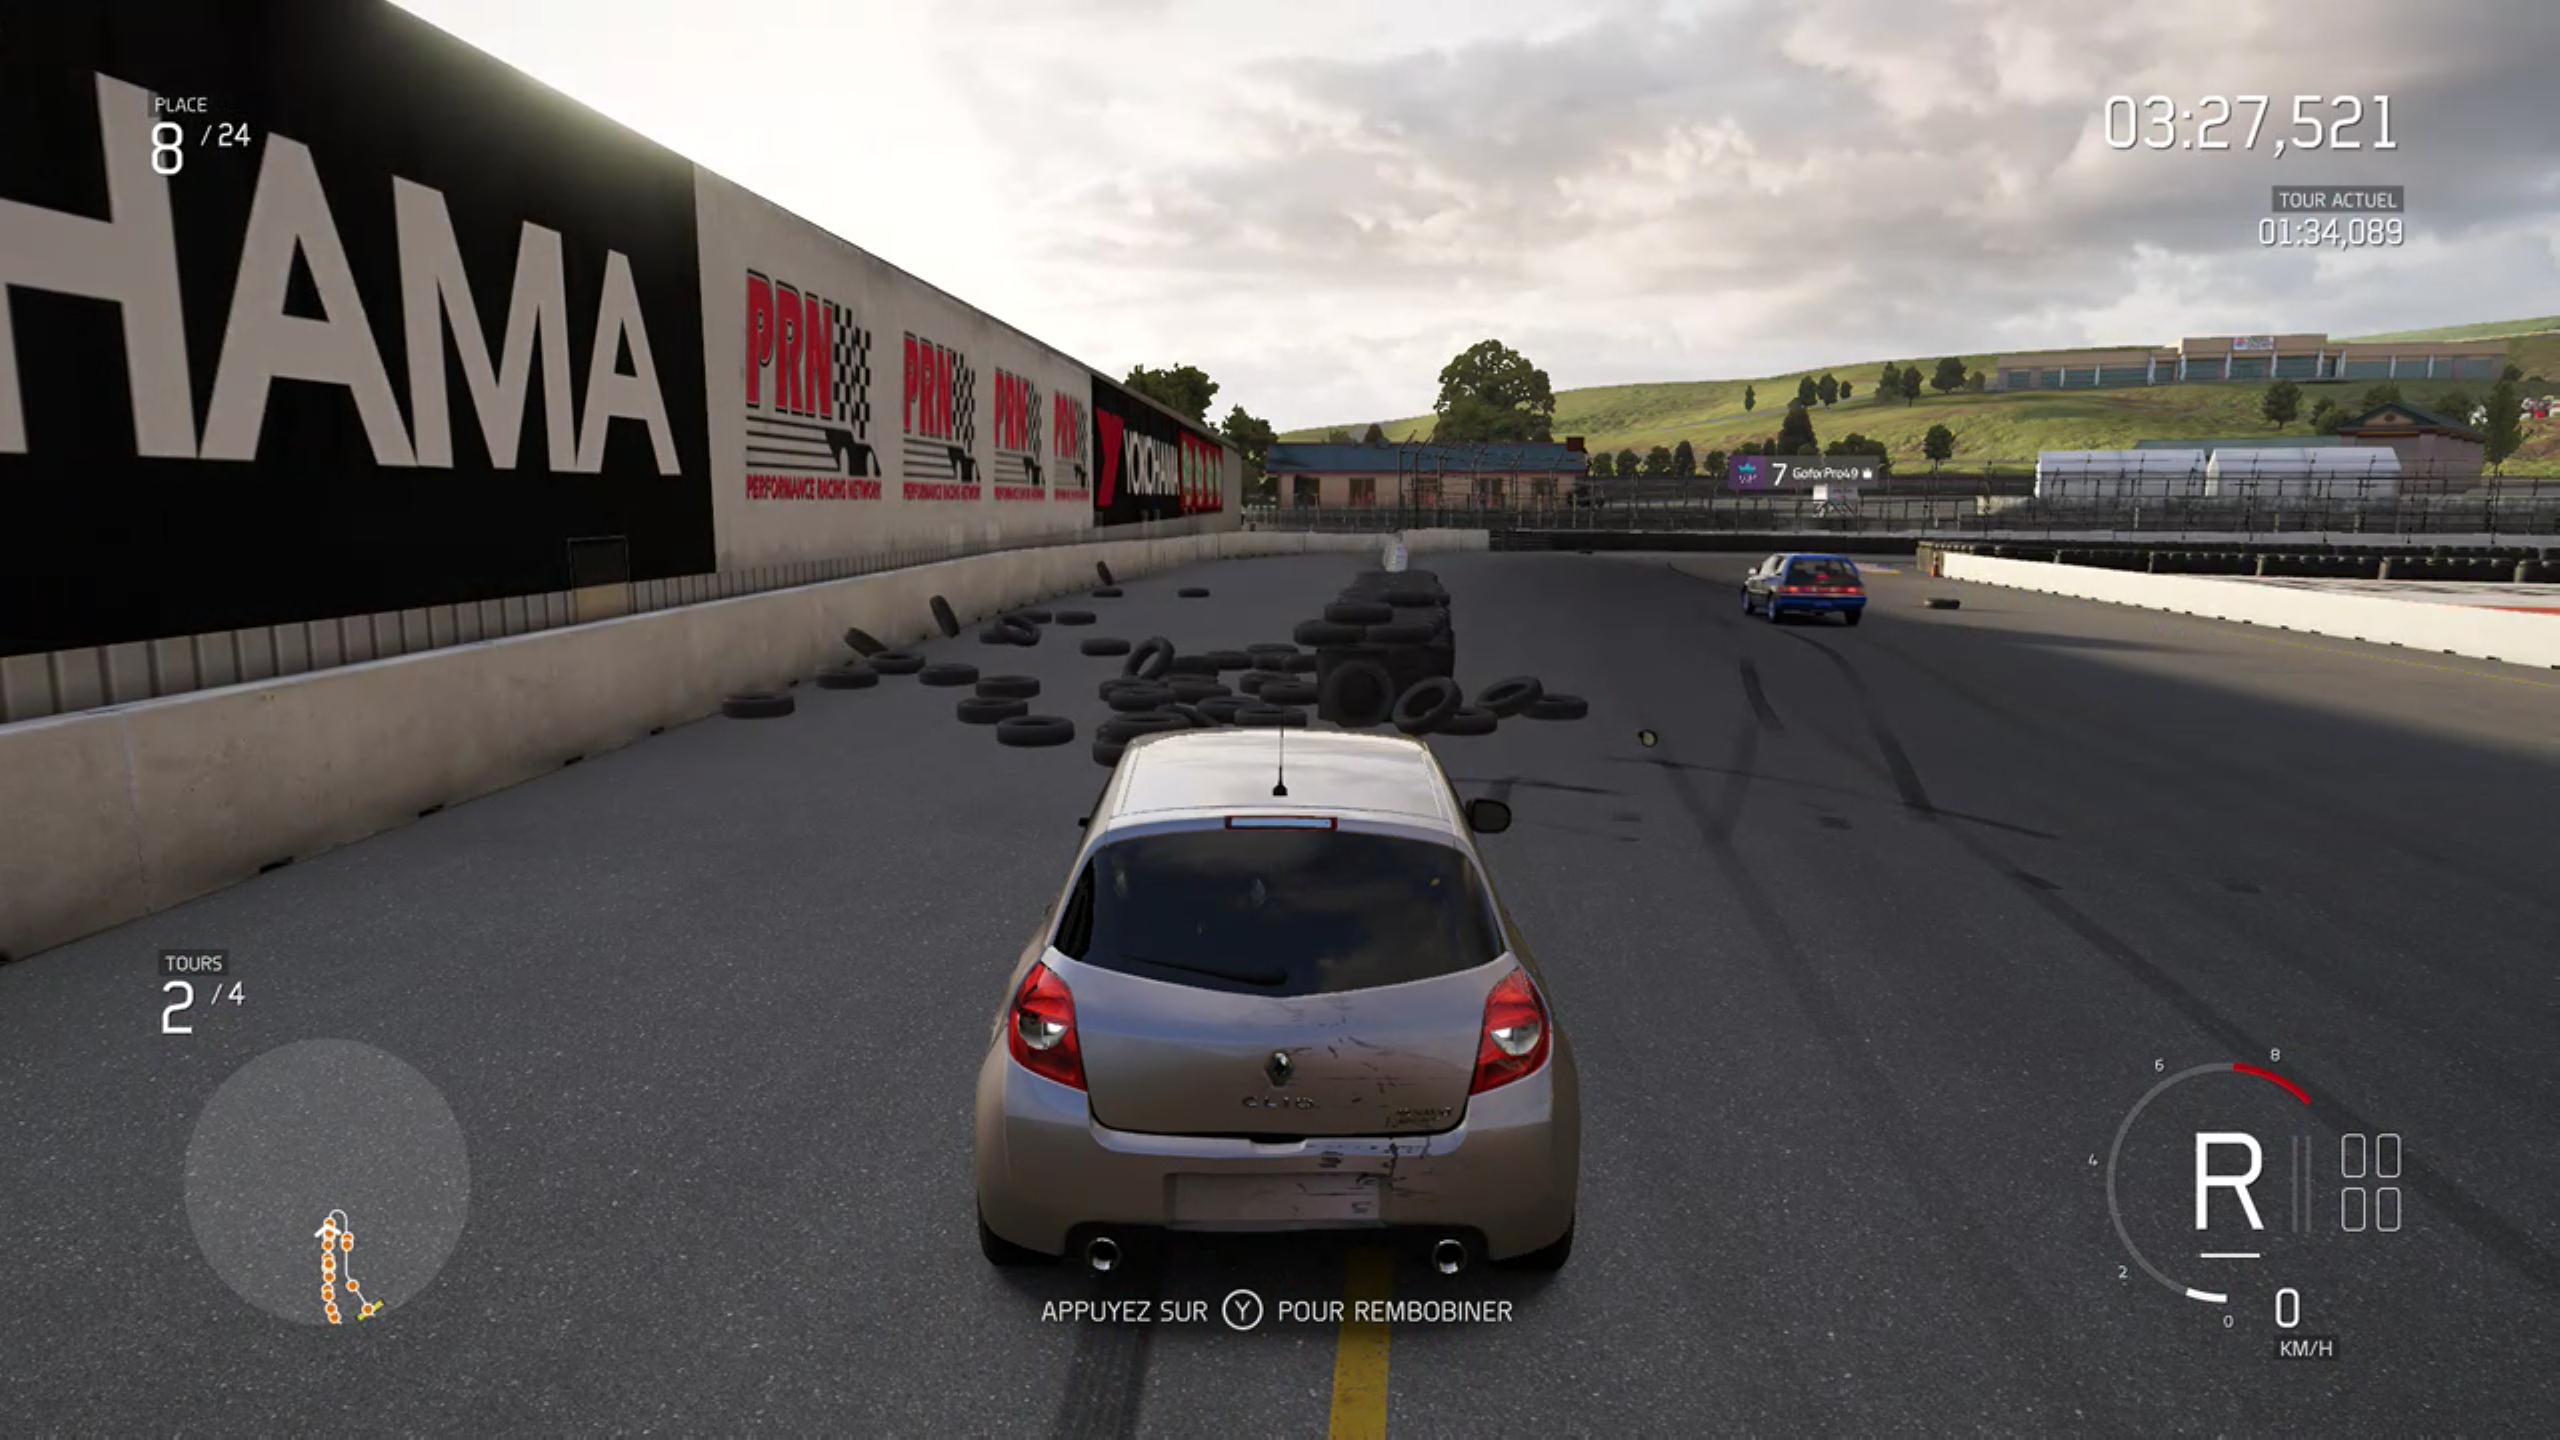 Forza 6 : les murs de pneus